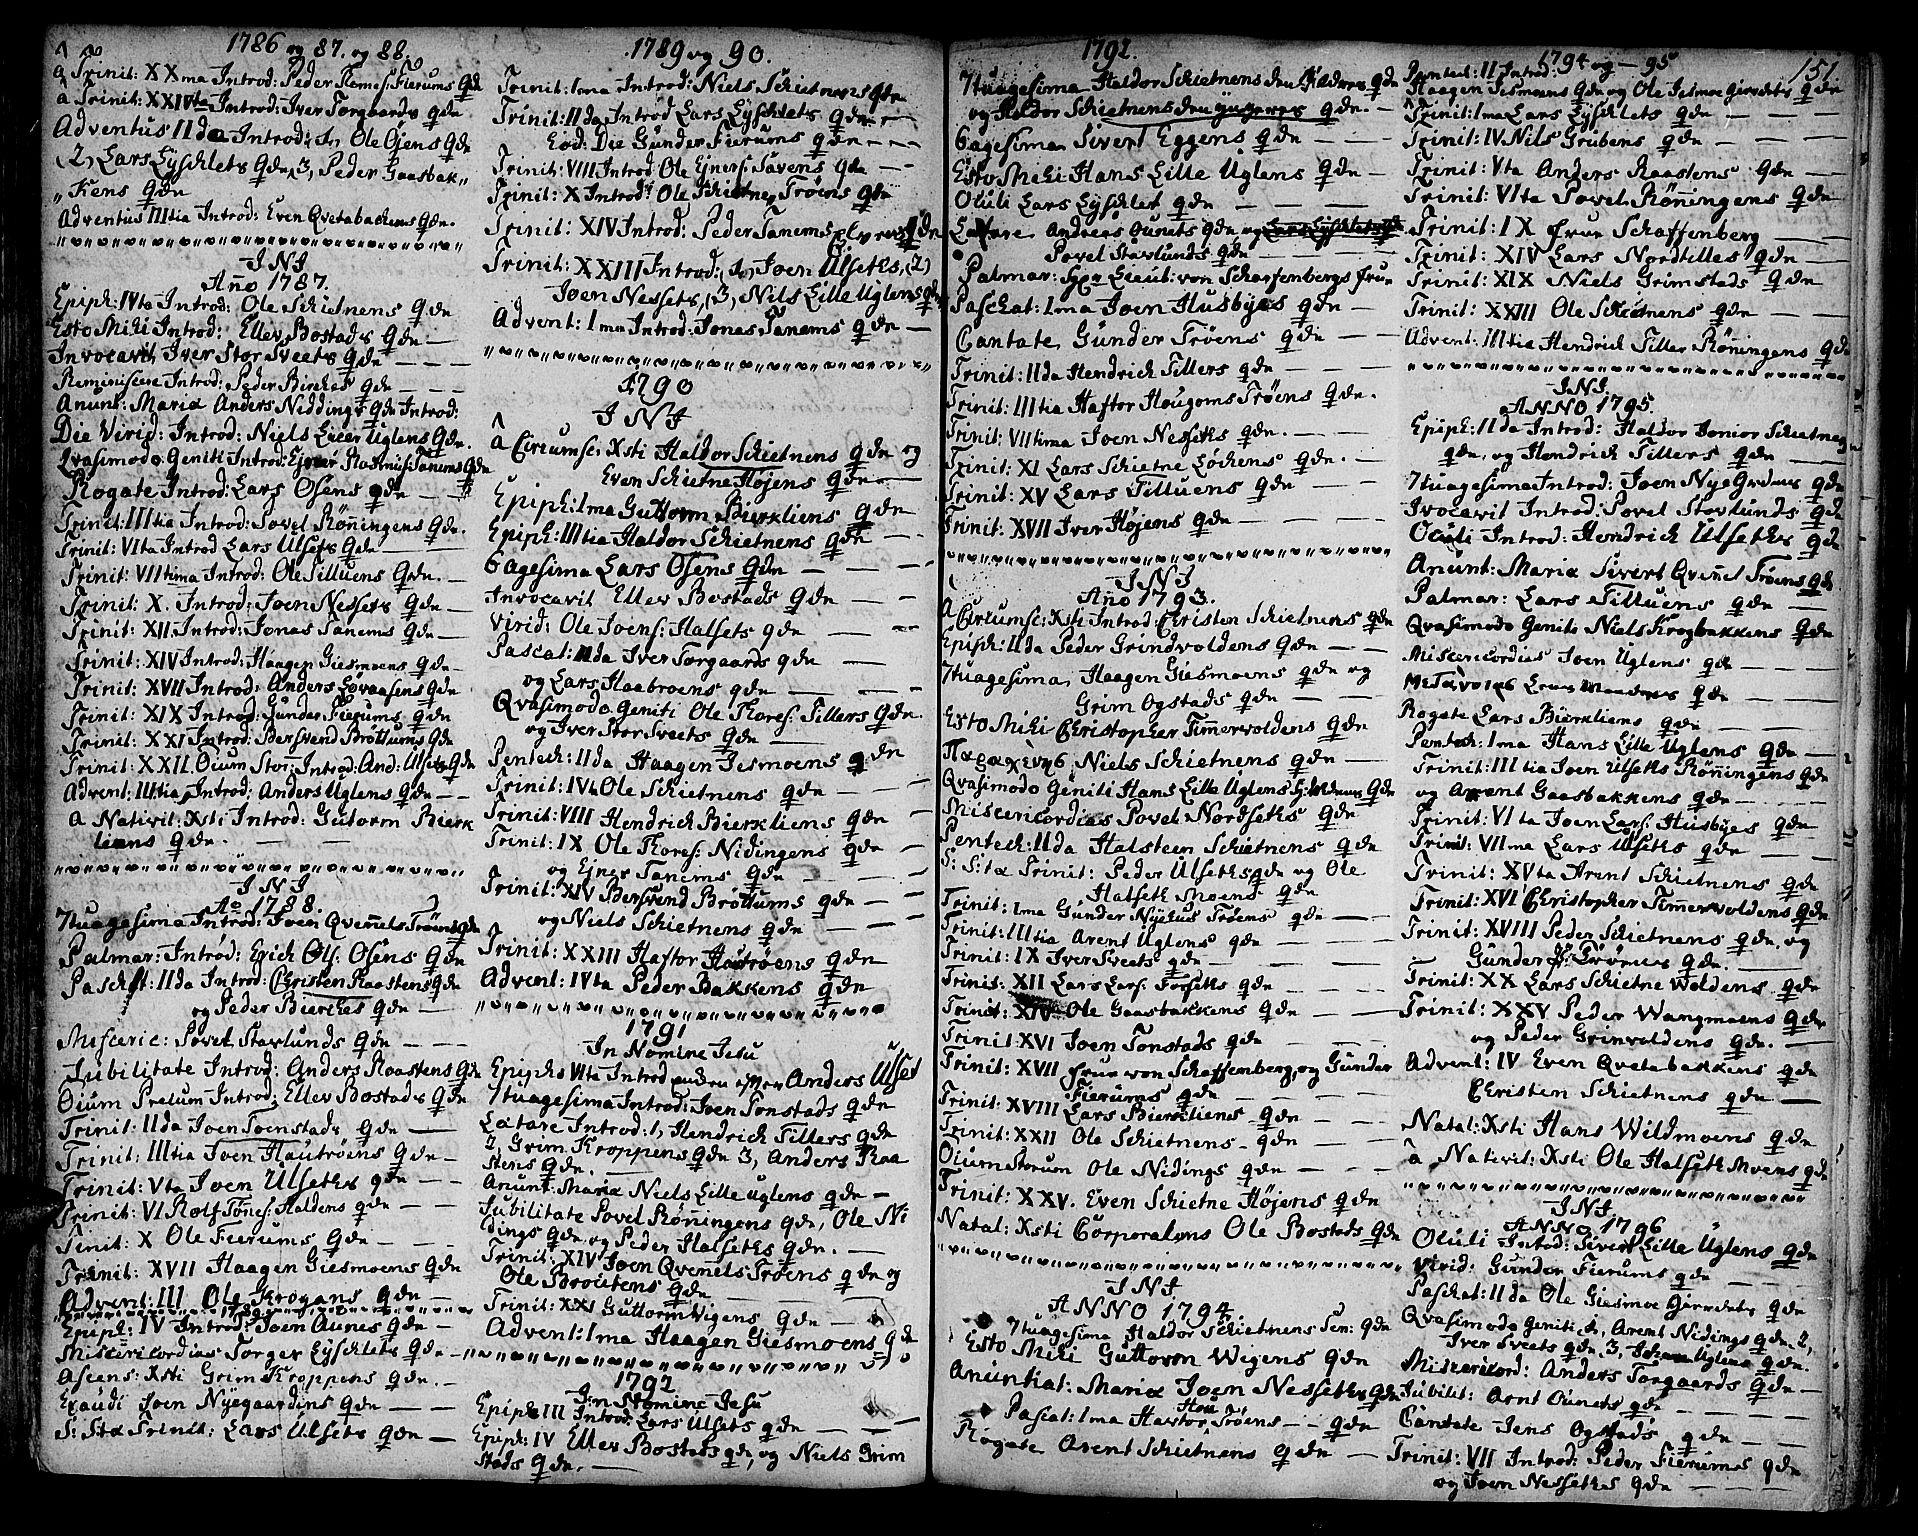 SAT, Ministerialprotokoller, klokkerbøker og fødselsregistre - Sør-Trøndelag, 618/L0438: Ministerialbok nr. 618A03, 1783-1815, s. 151